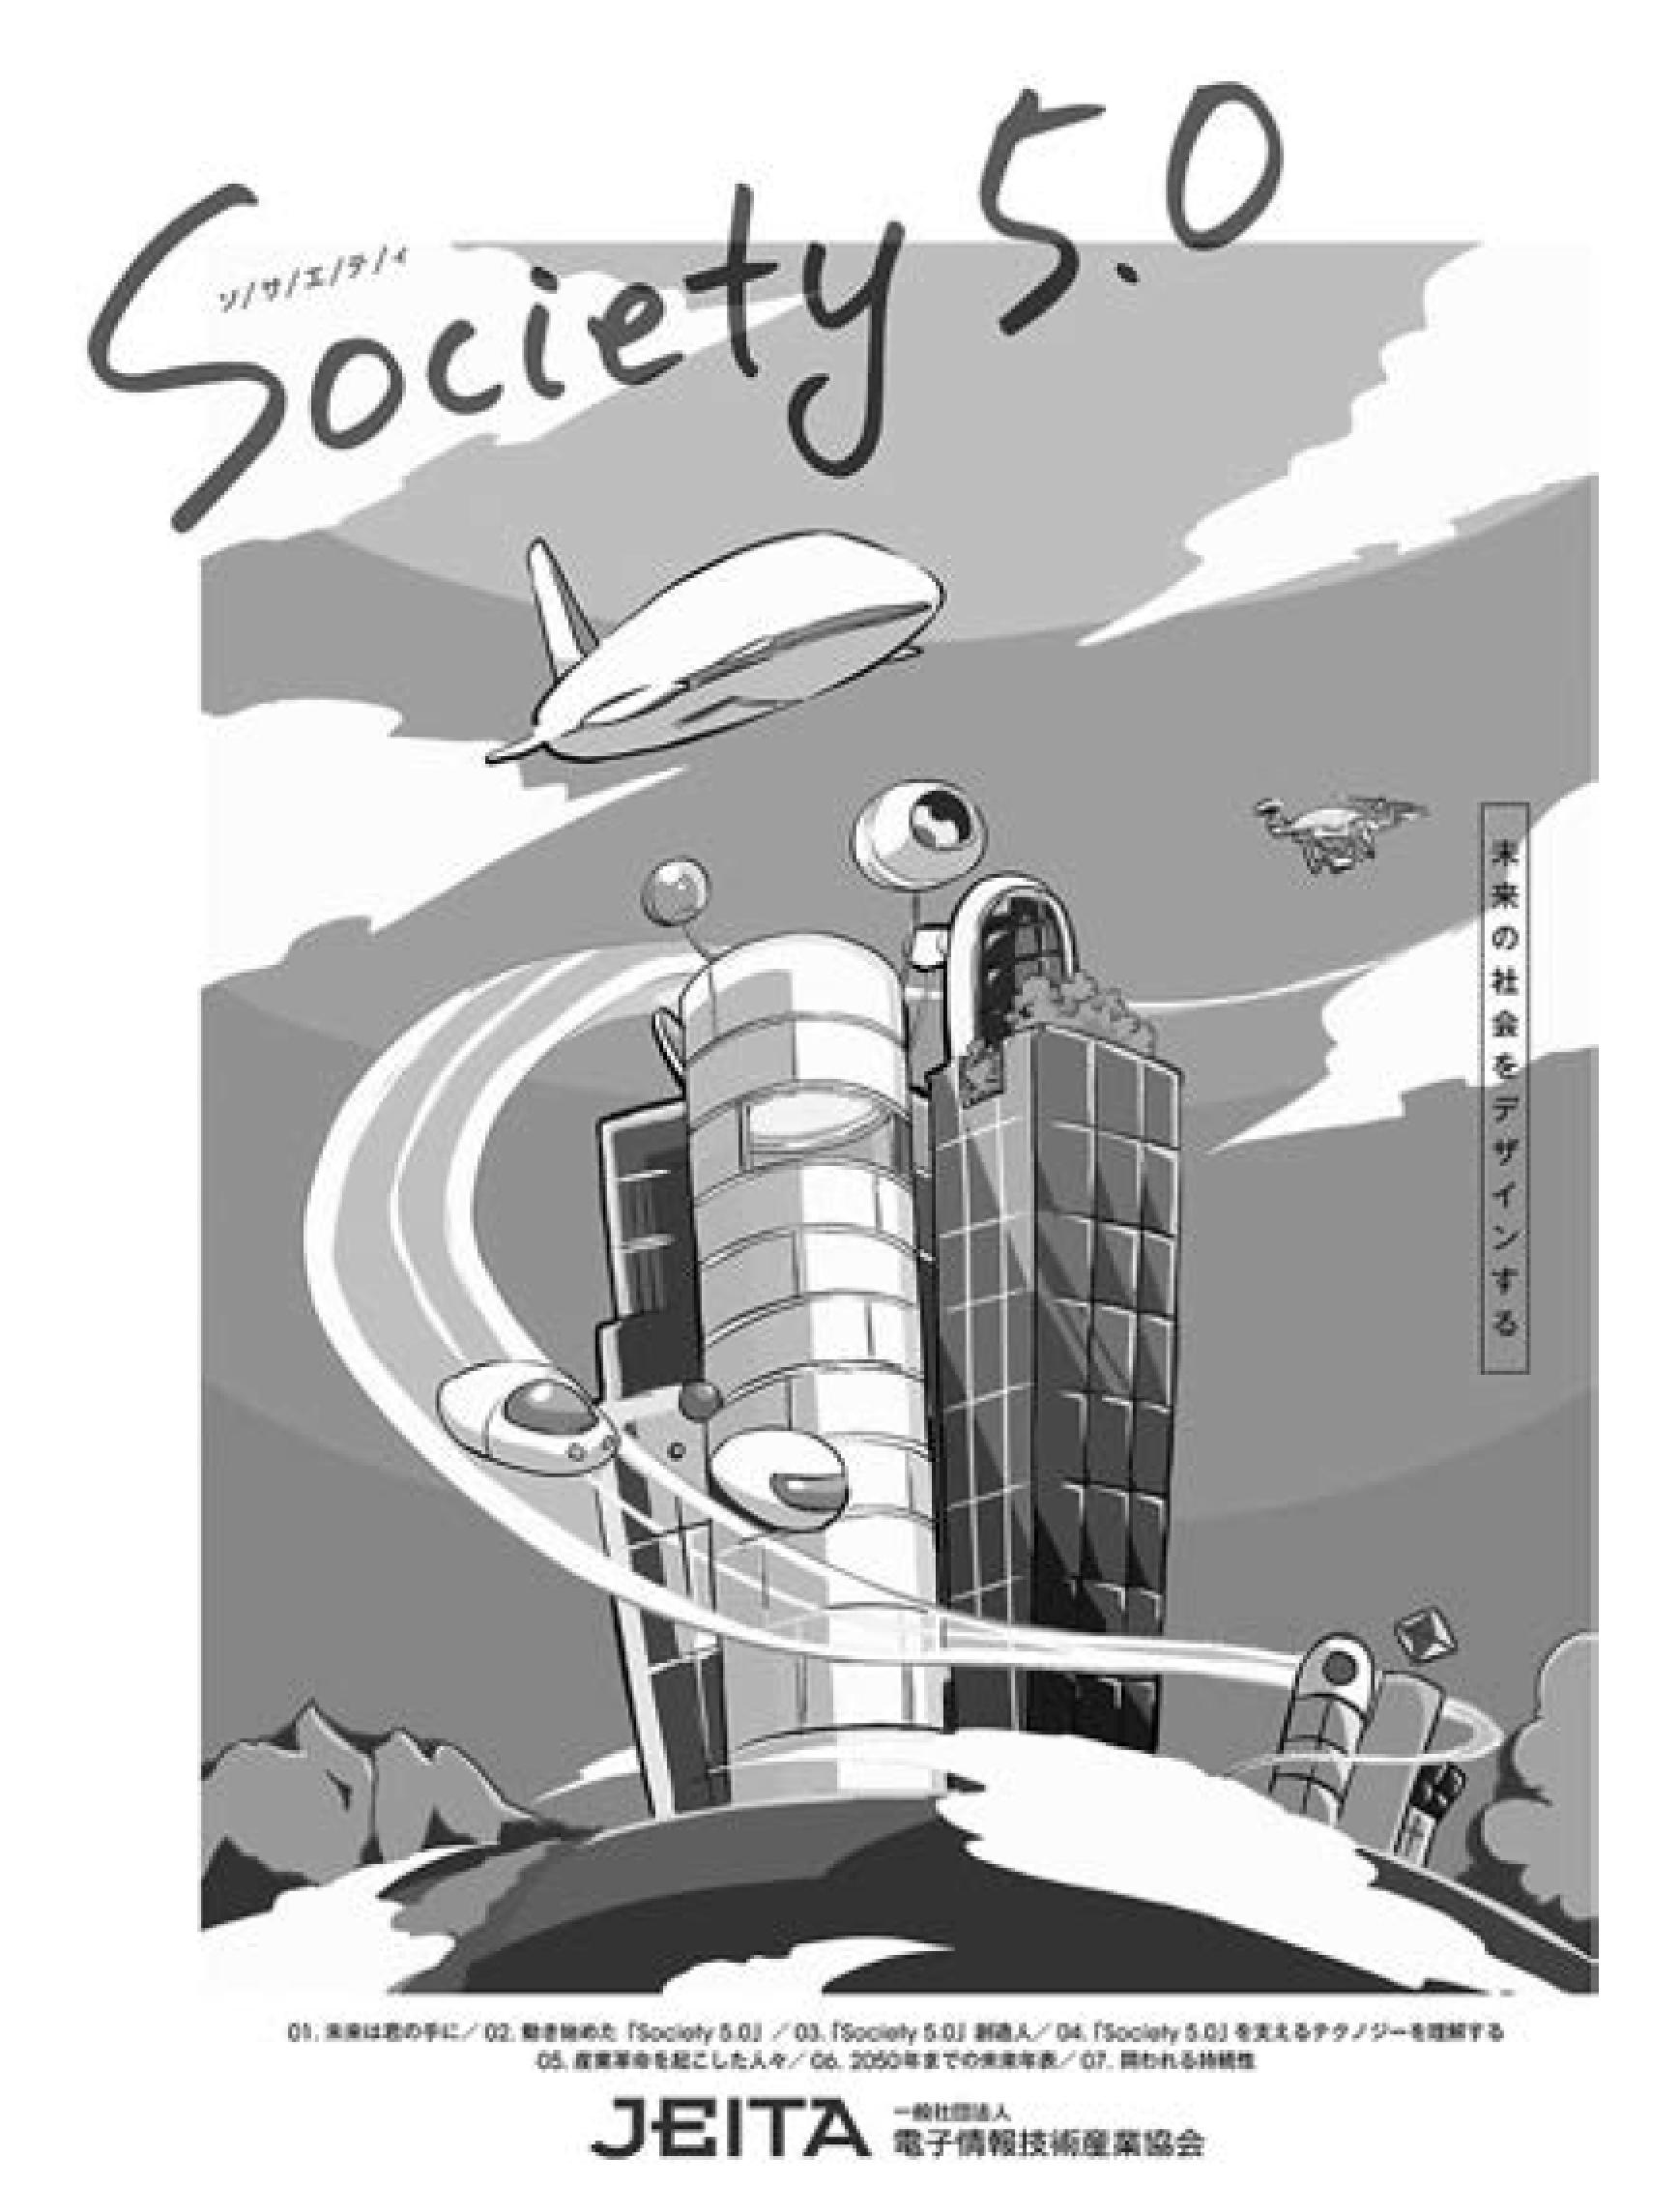 電子情報技術産業協会発行 「Society5.0-未来の社会をデザインする-」の画像